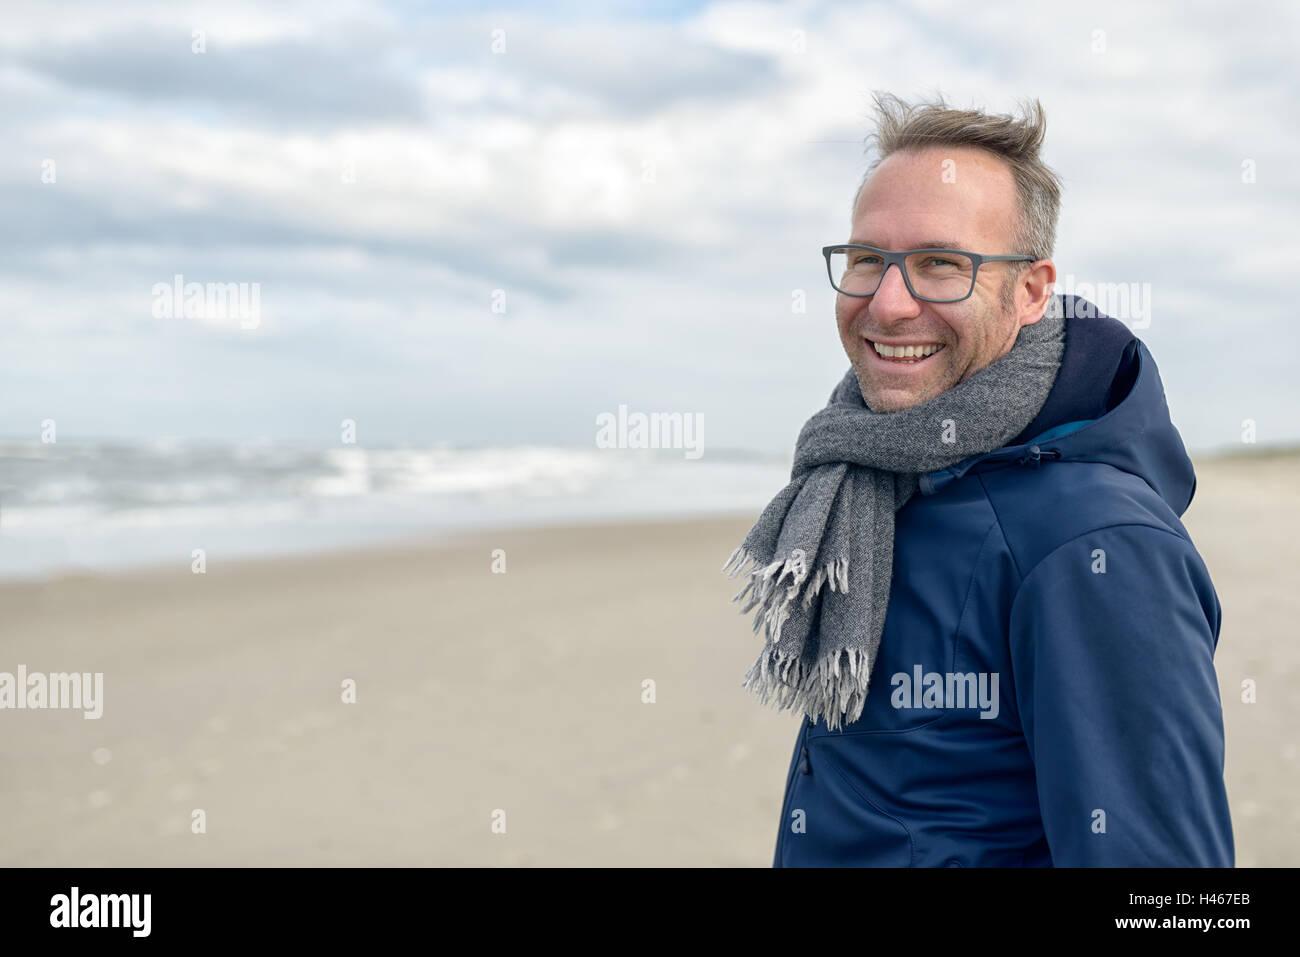 Smiling middle-aged man portant des lunettes et une écharpe en laine tricoté debout sur une plage déserte Photo Stock